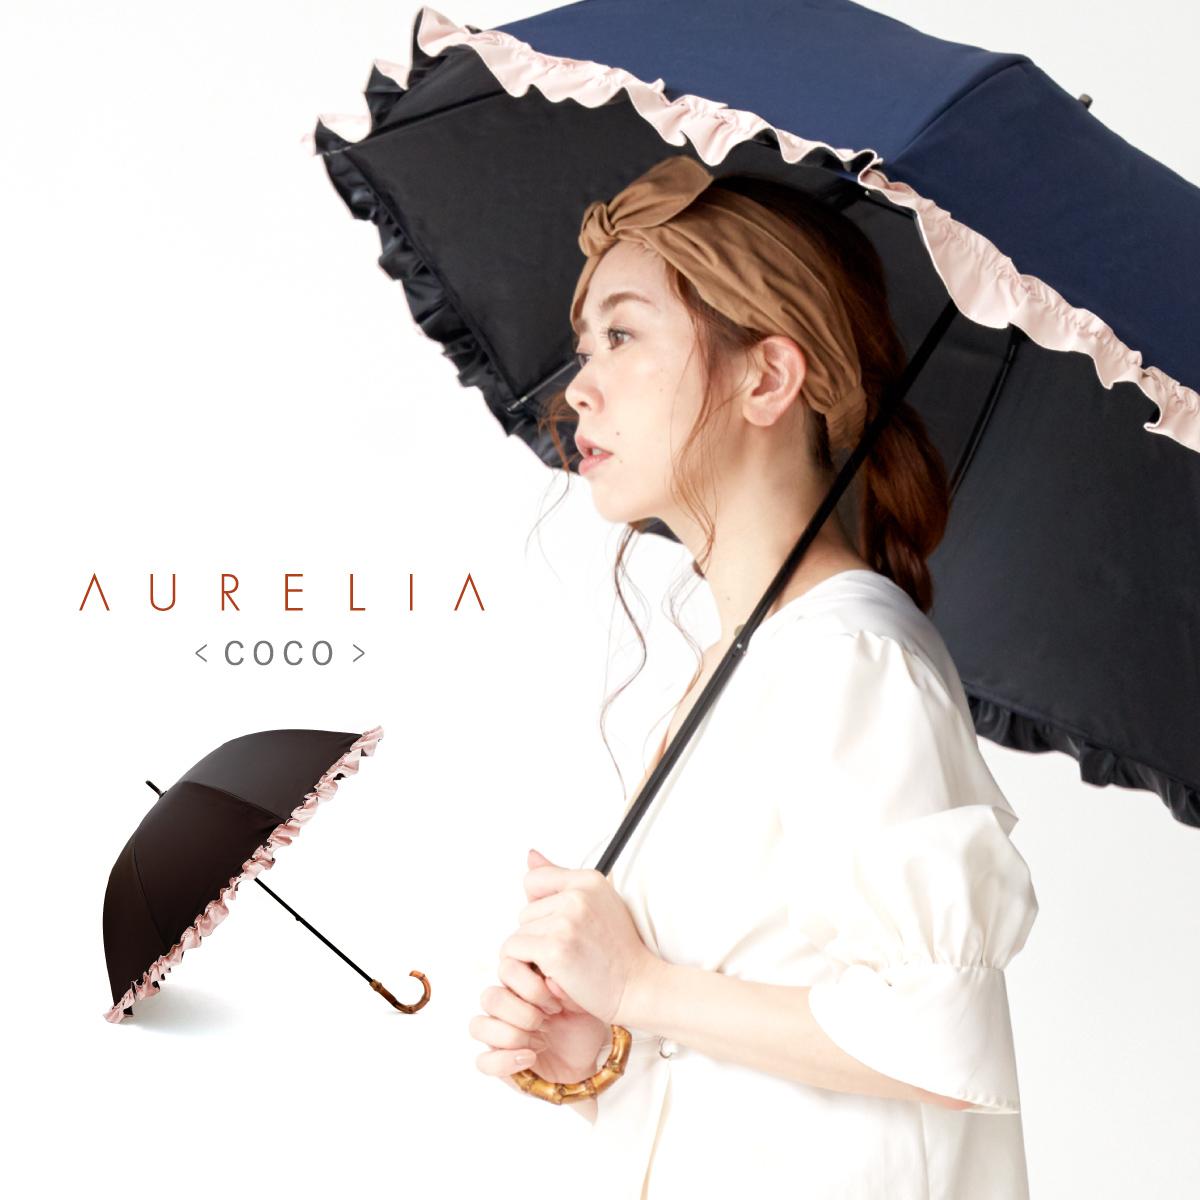 AURELIA COCO【100%遮光】【送料無料】 晴雨兼用 紫外線遮蔽 UVカット 日傘 フリル 50cm